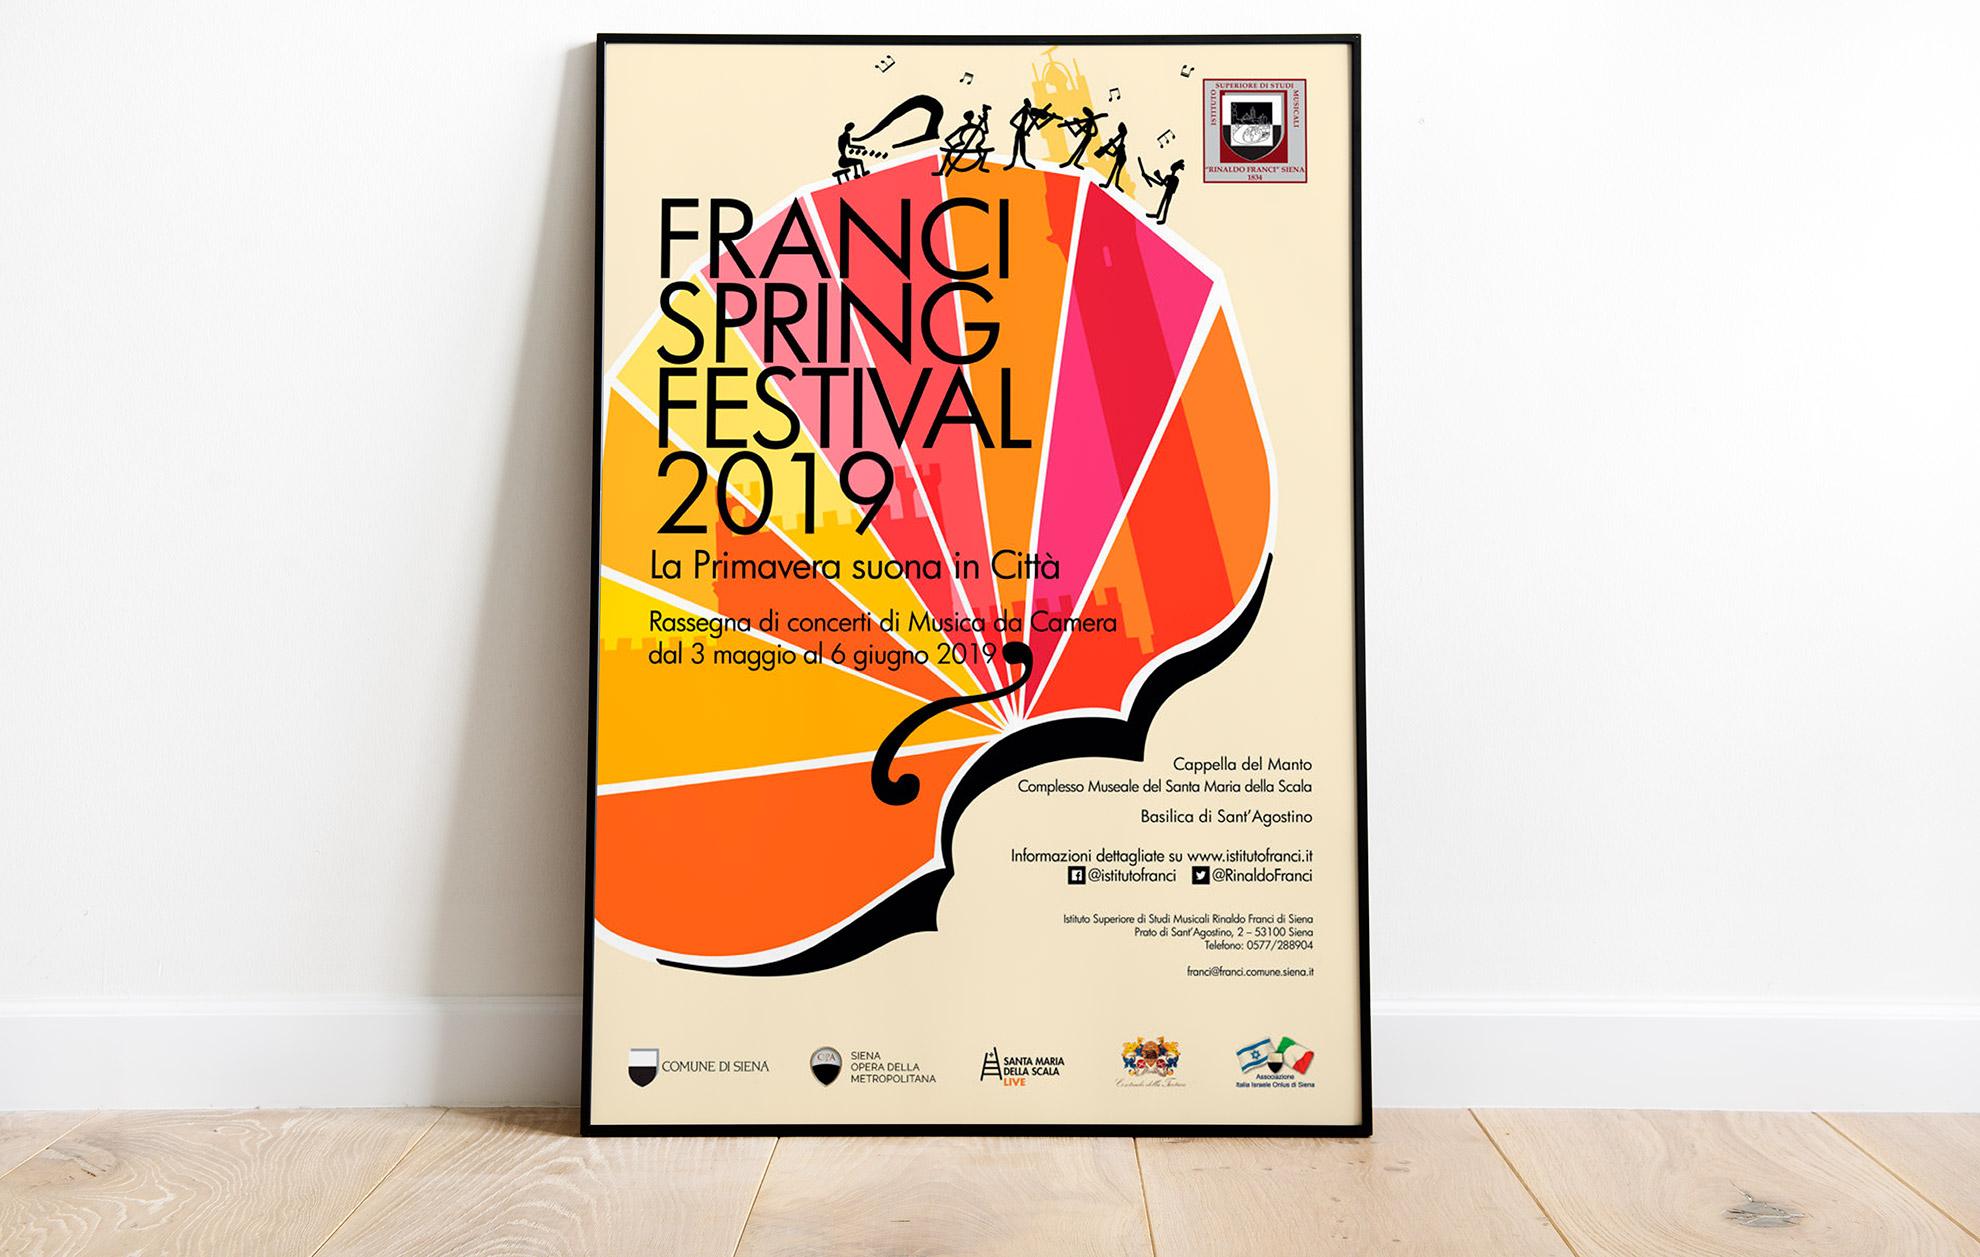 ideazione immagine pubblicitaria festival musicale